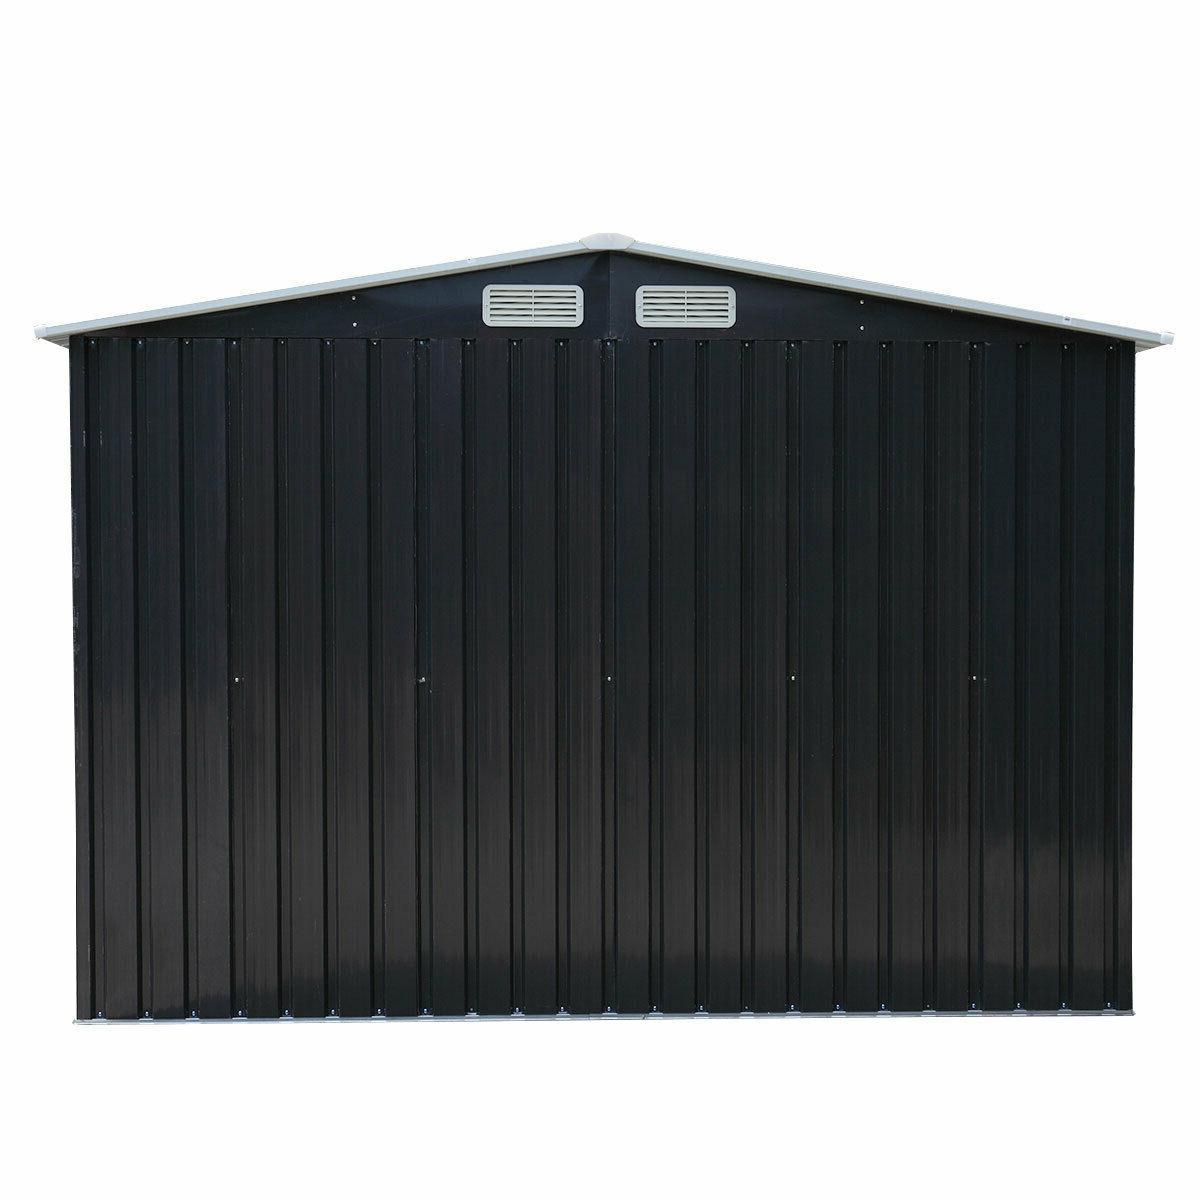 8 Door Backyard Steel House